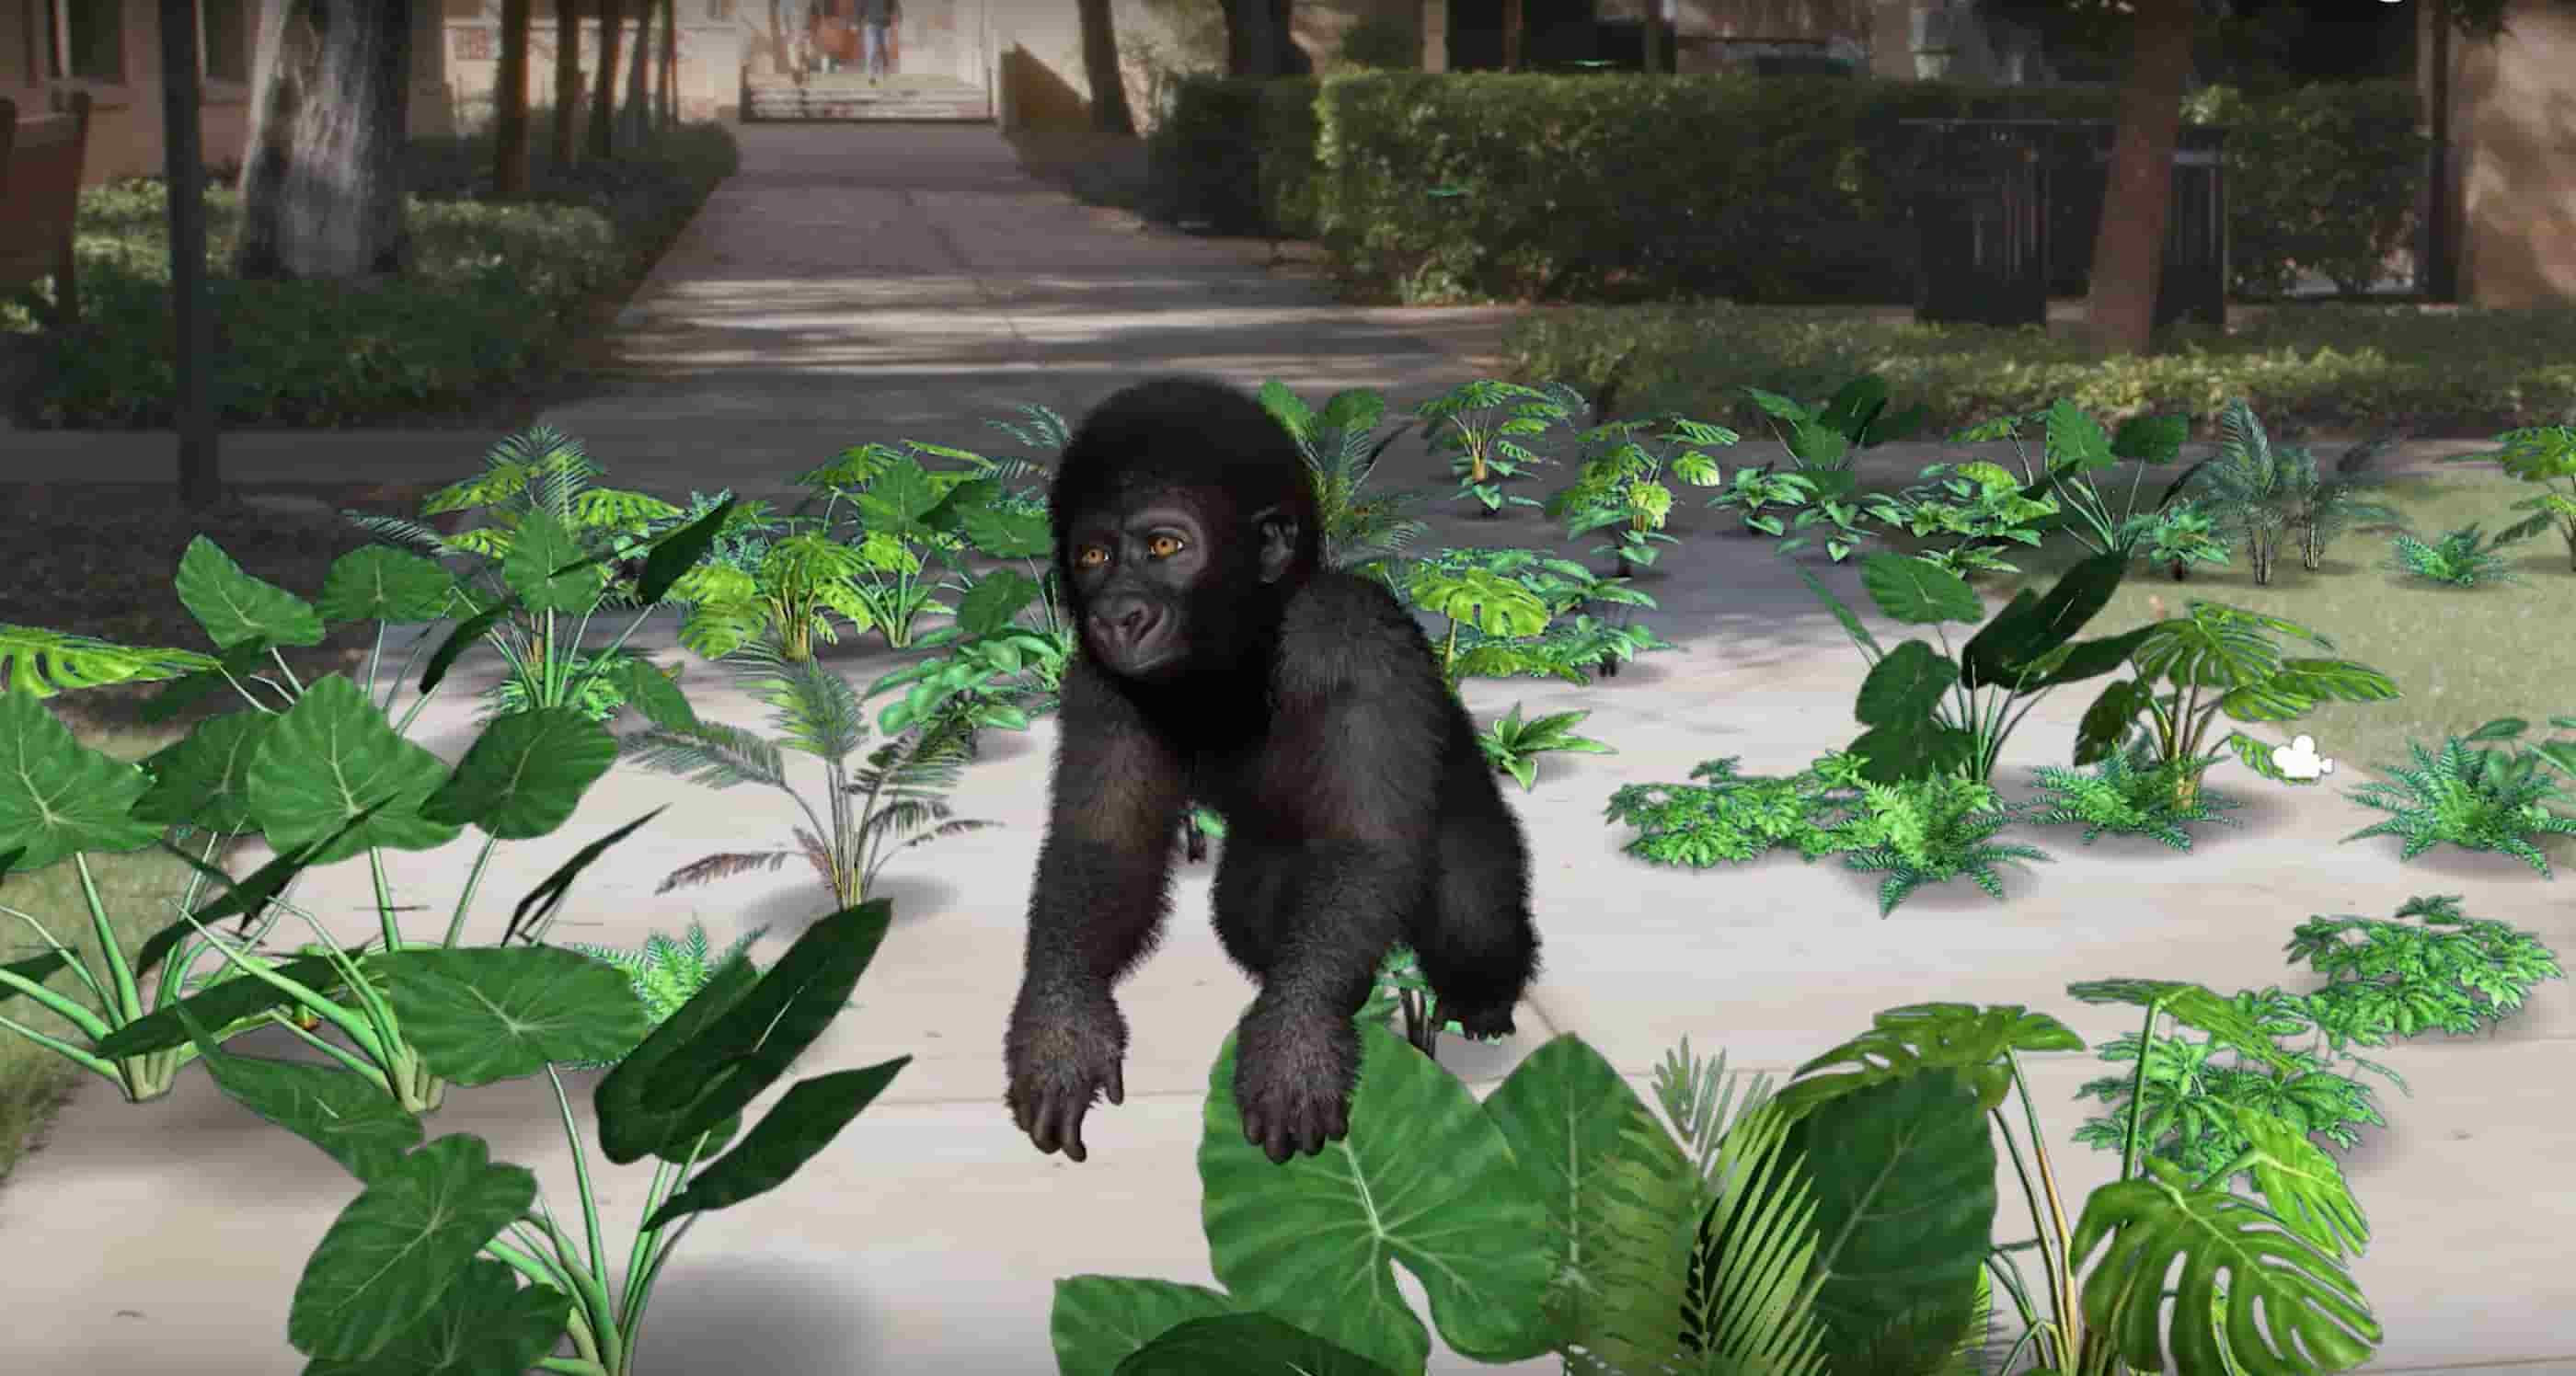 Gorillas-EllenDegeneresWildlifeFund